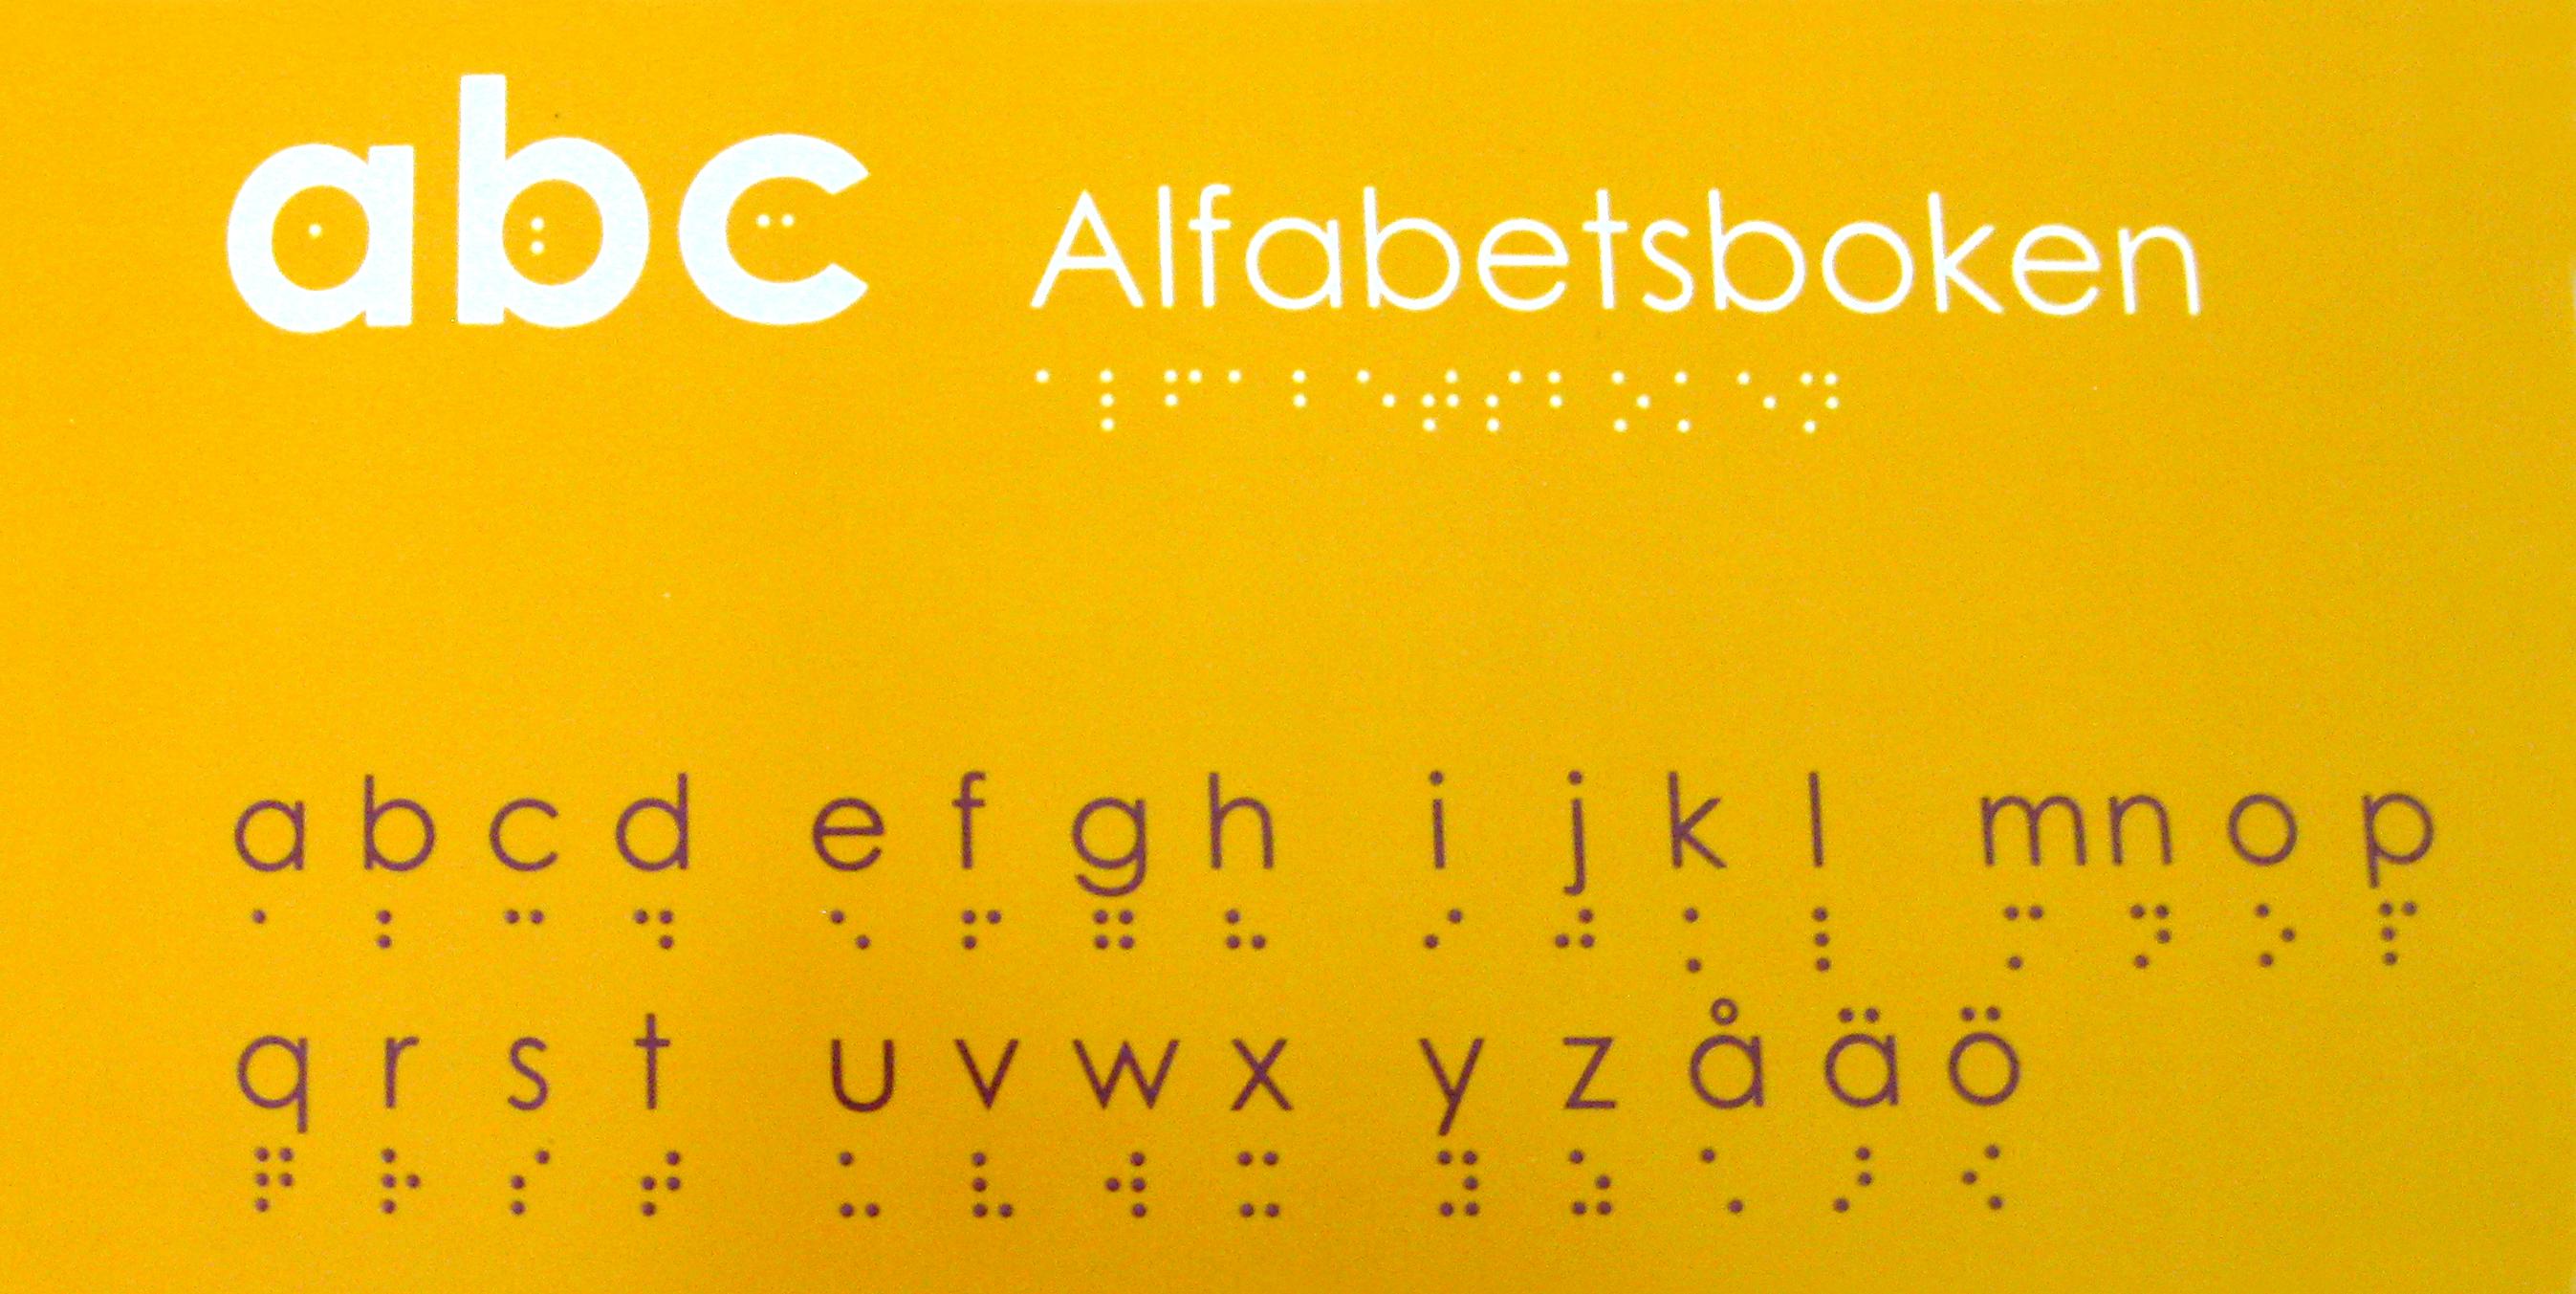 Omslag abc Alfabetsboken, gul bakgrund med alfabetets bokstäver i punktskrift.